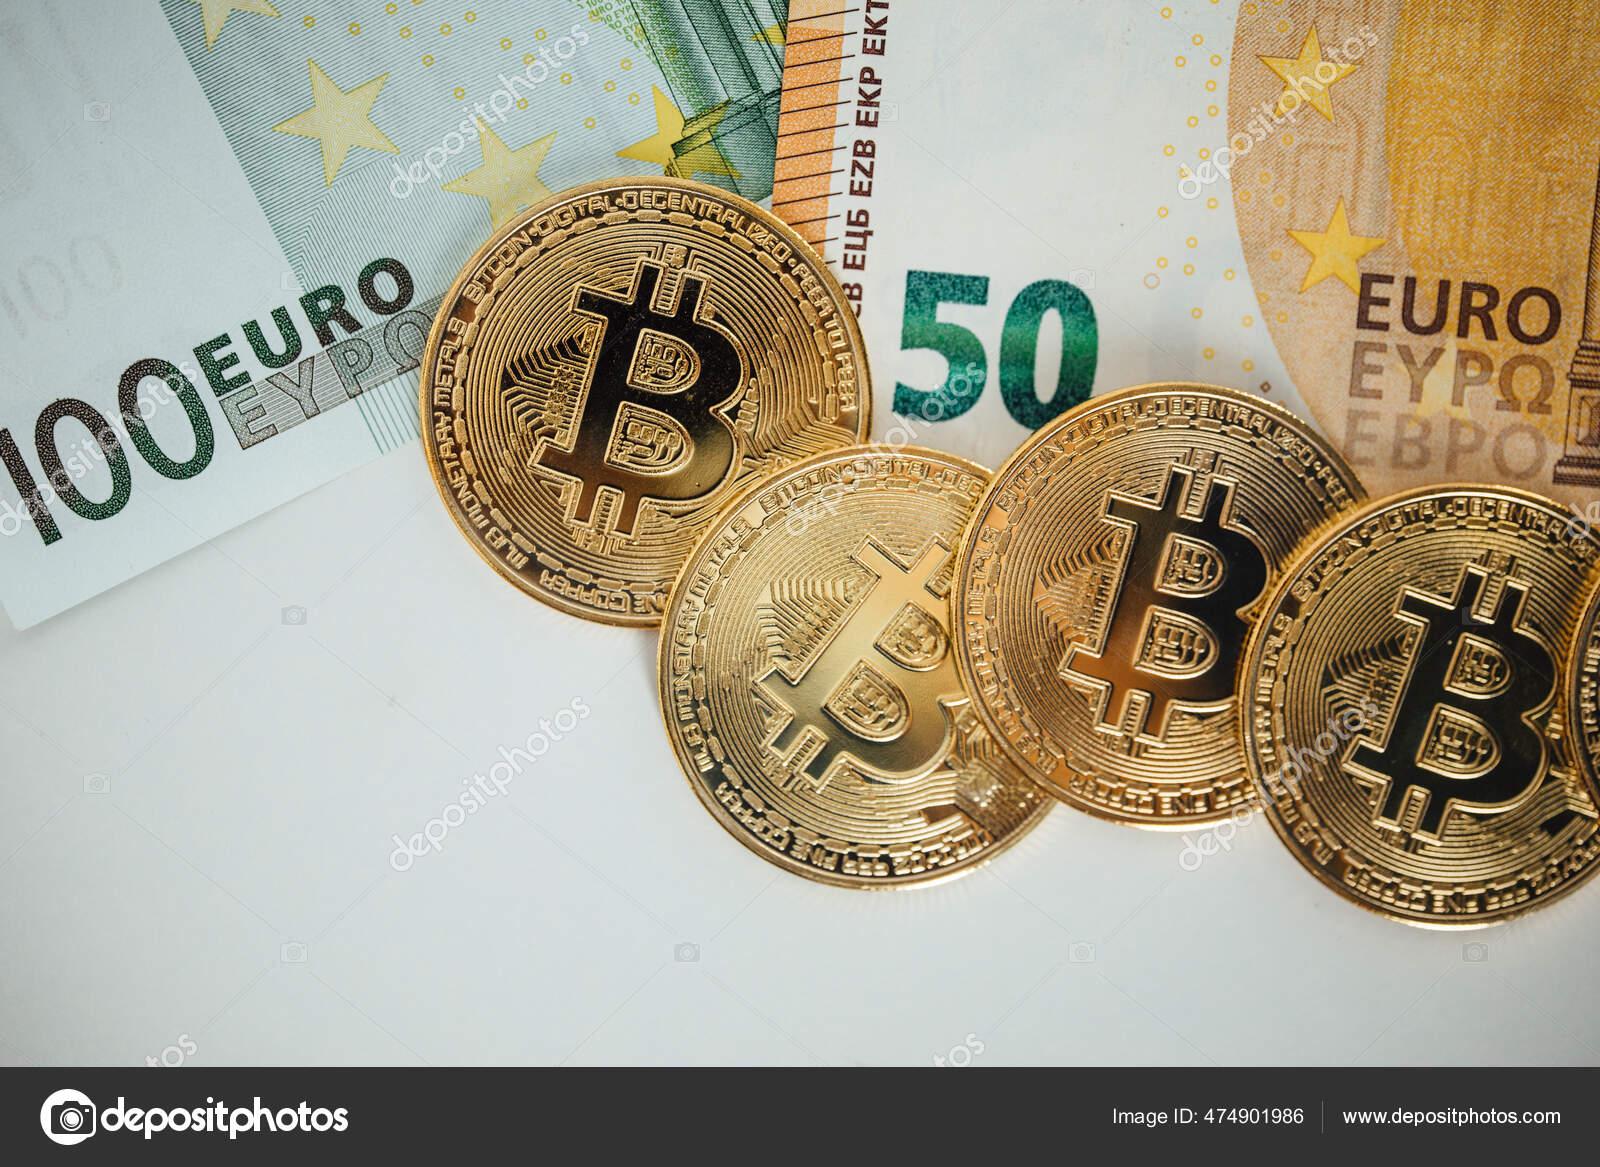 crypto exchange euro